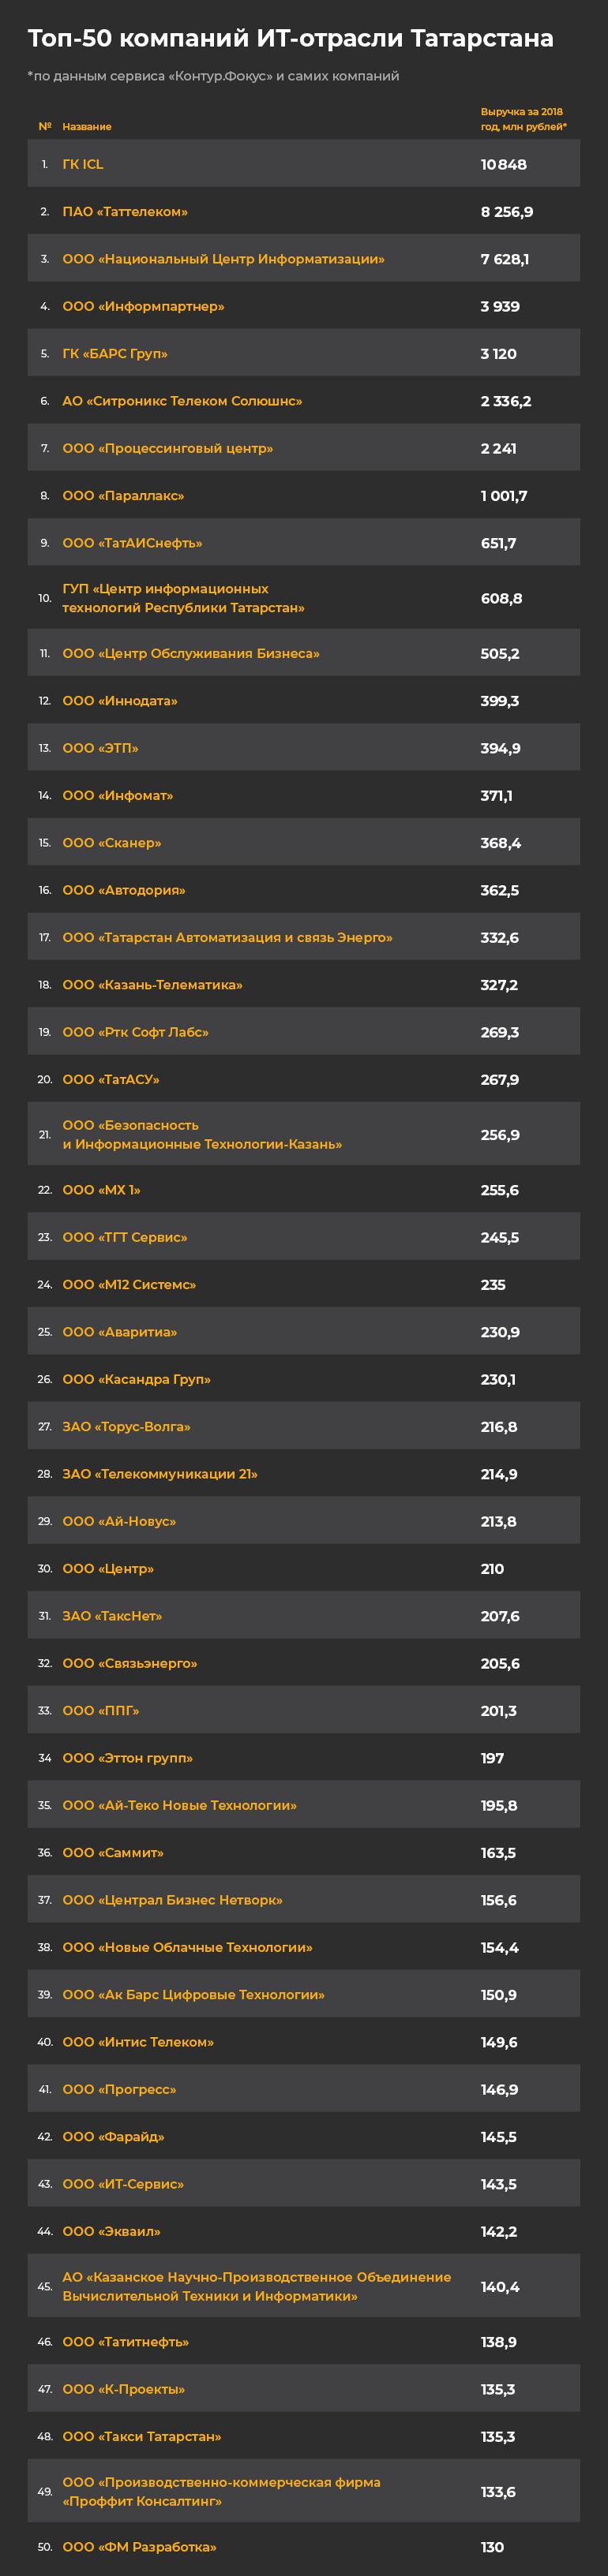 Кому принадлежит электронный Татарстан: топ-50 IT-компаний республики